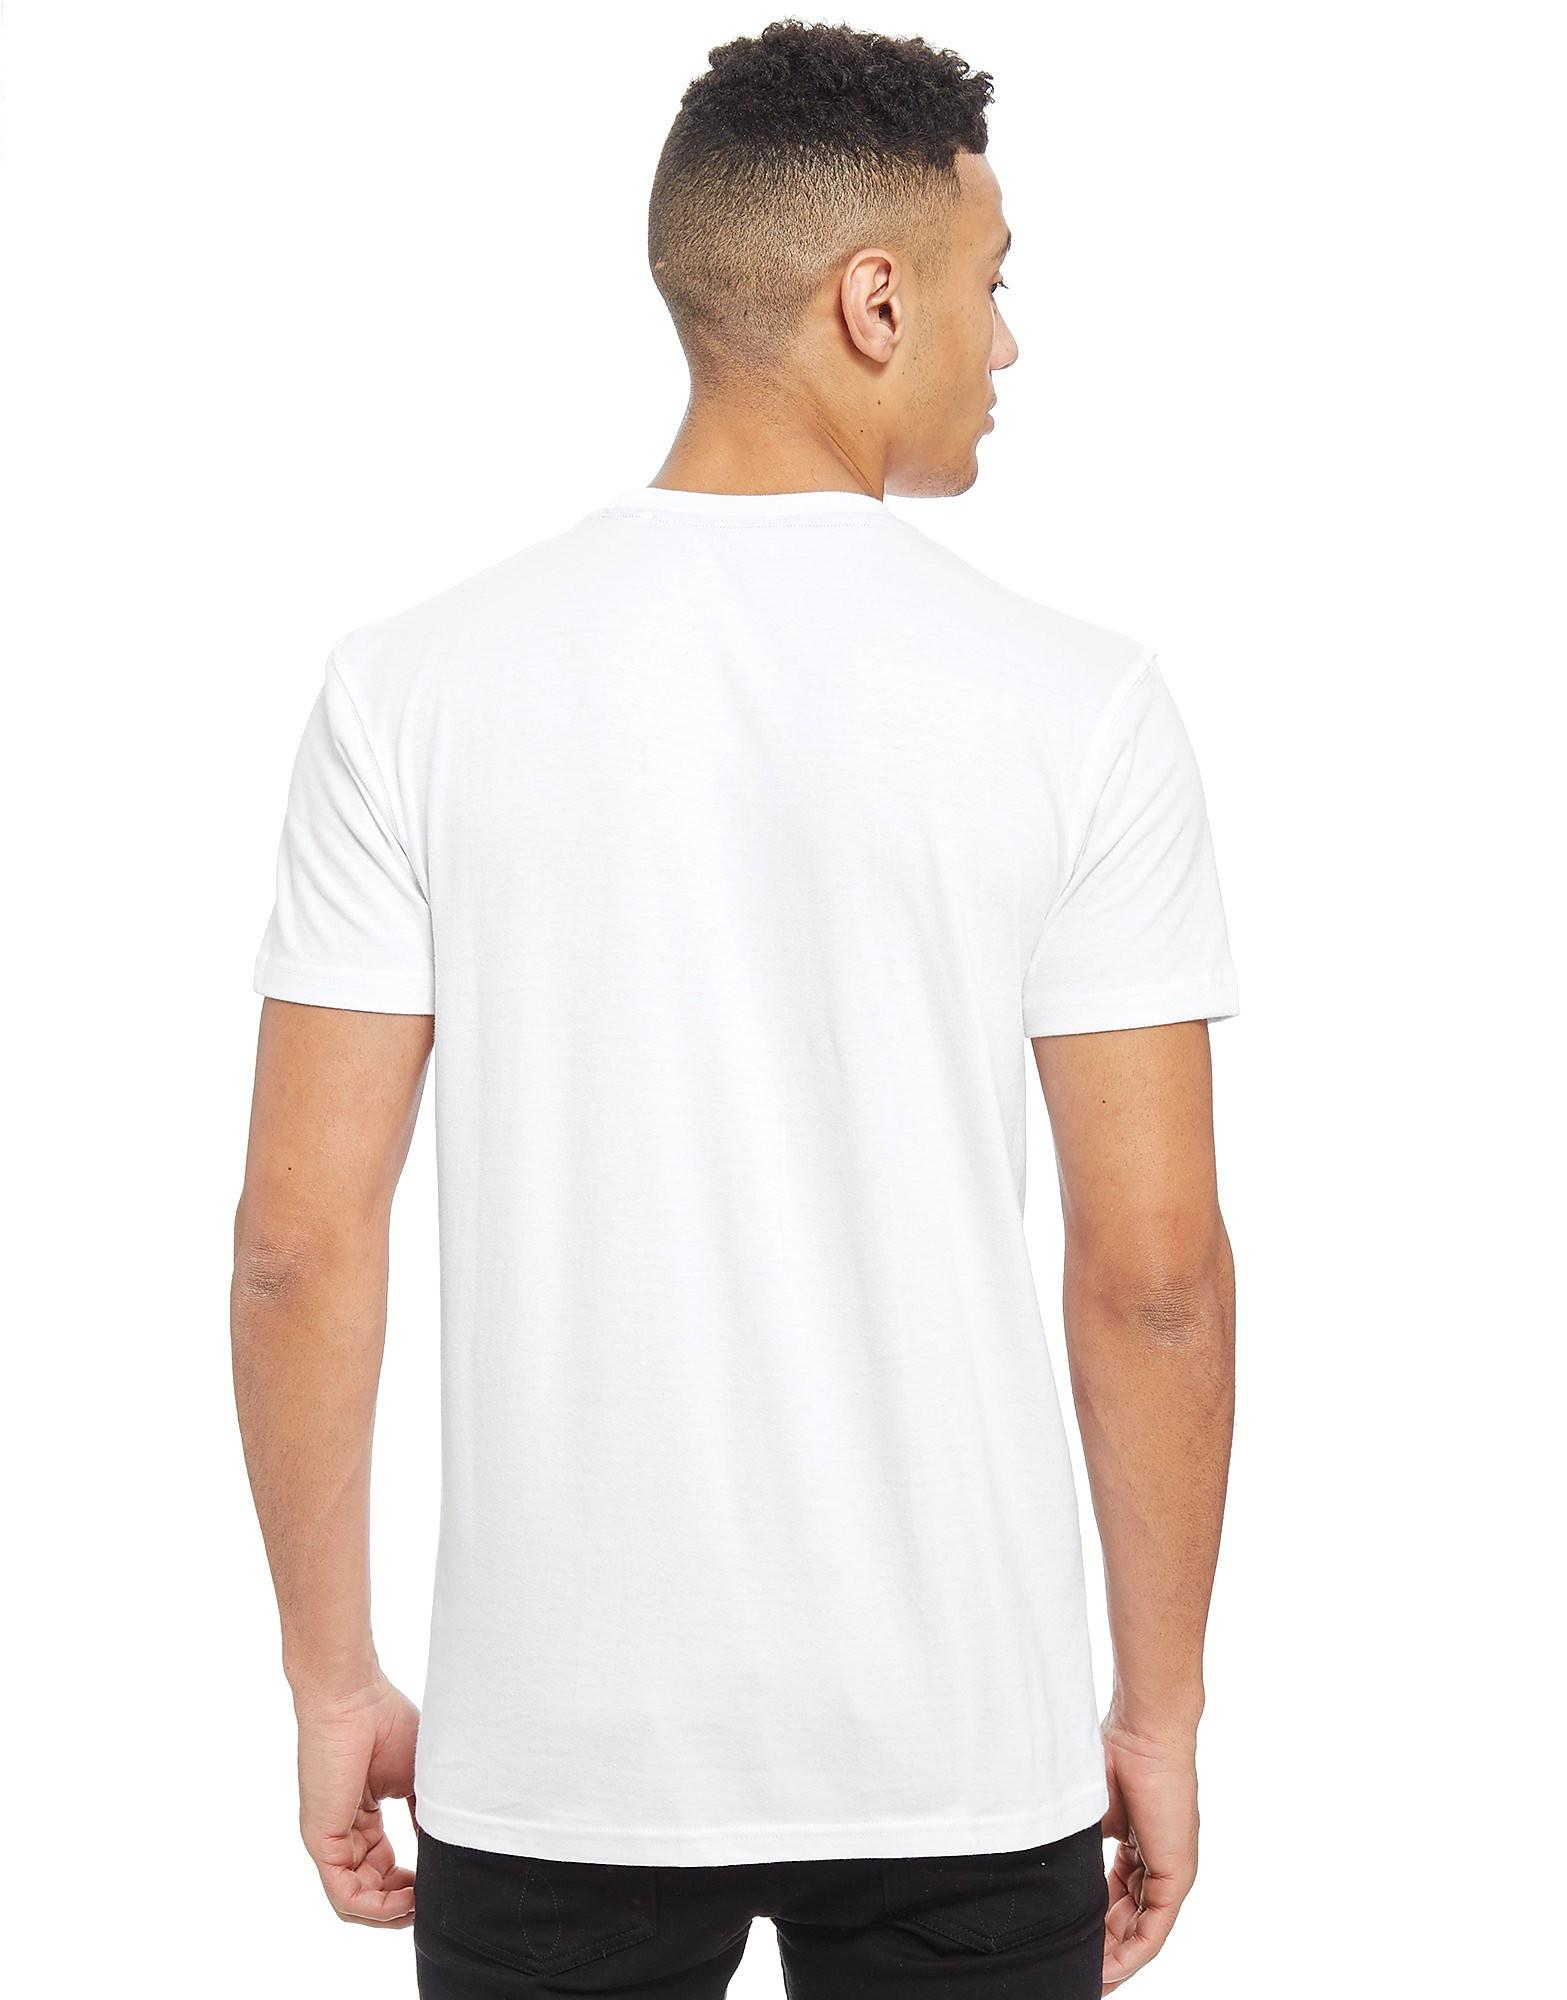 McKenzie Mars T-Shirt